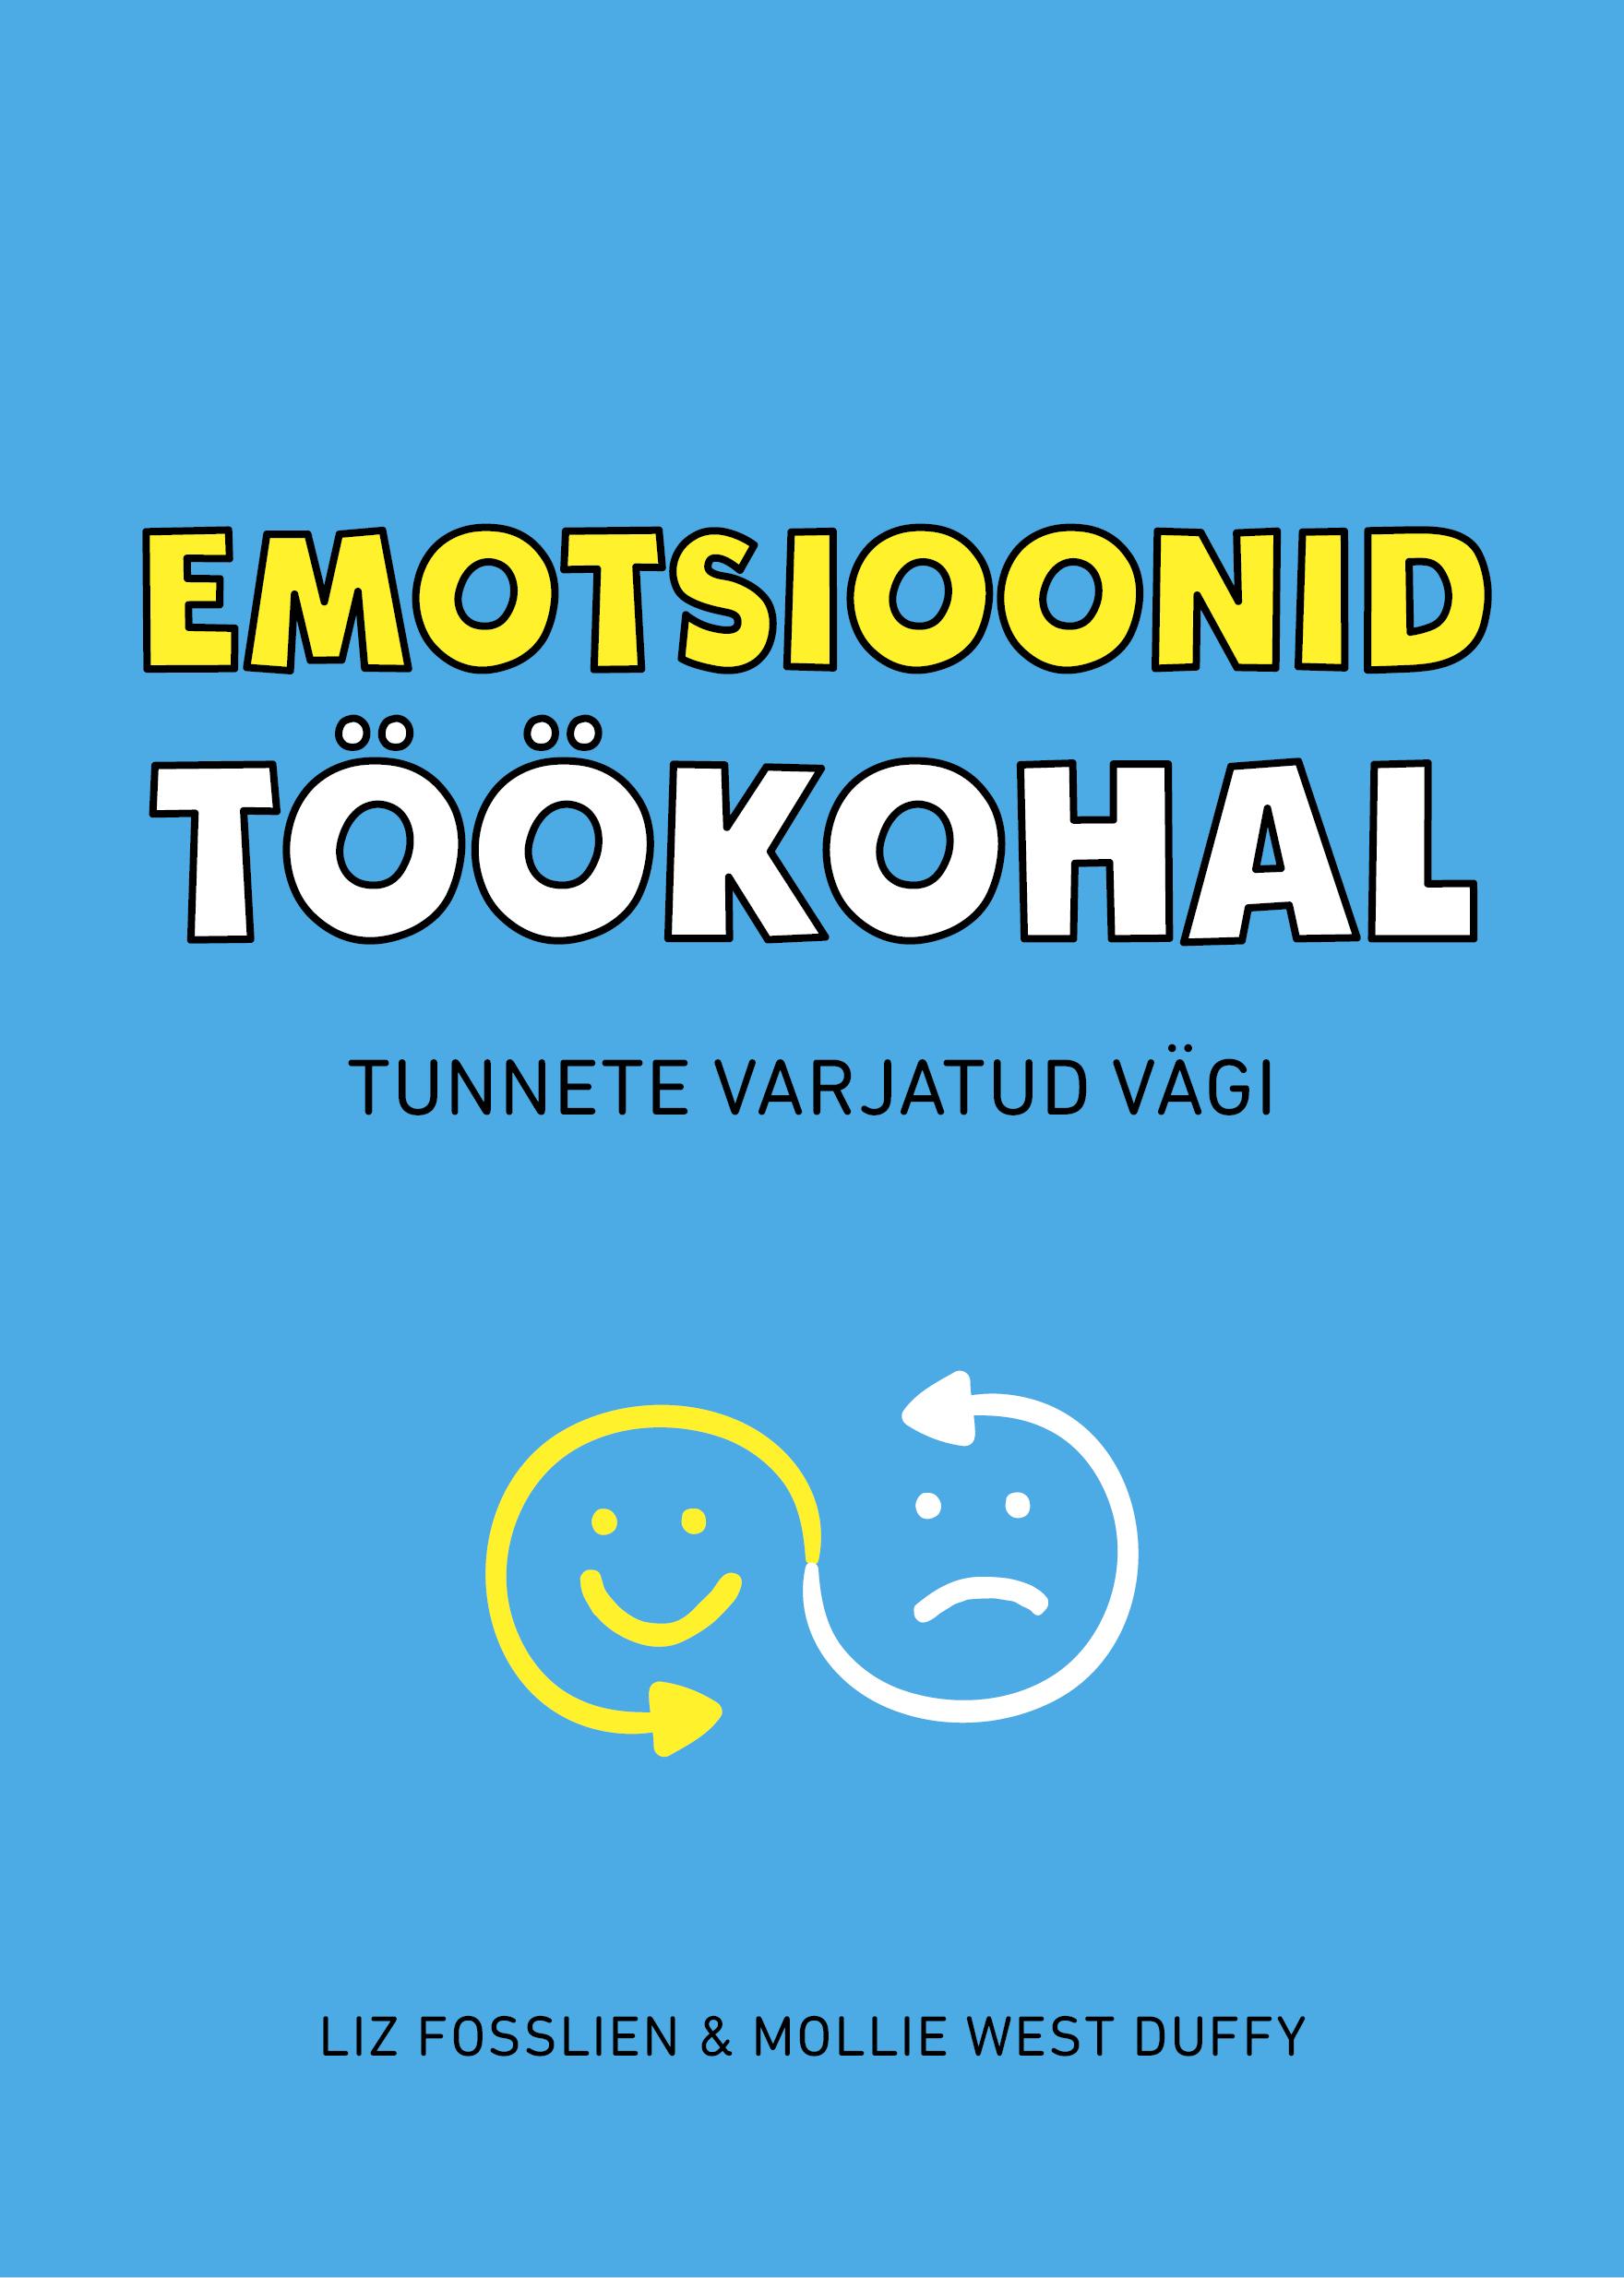 Emotsioonid töökohal. tunnete varjatud vägi